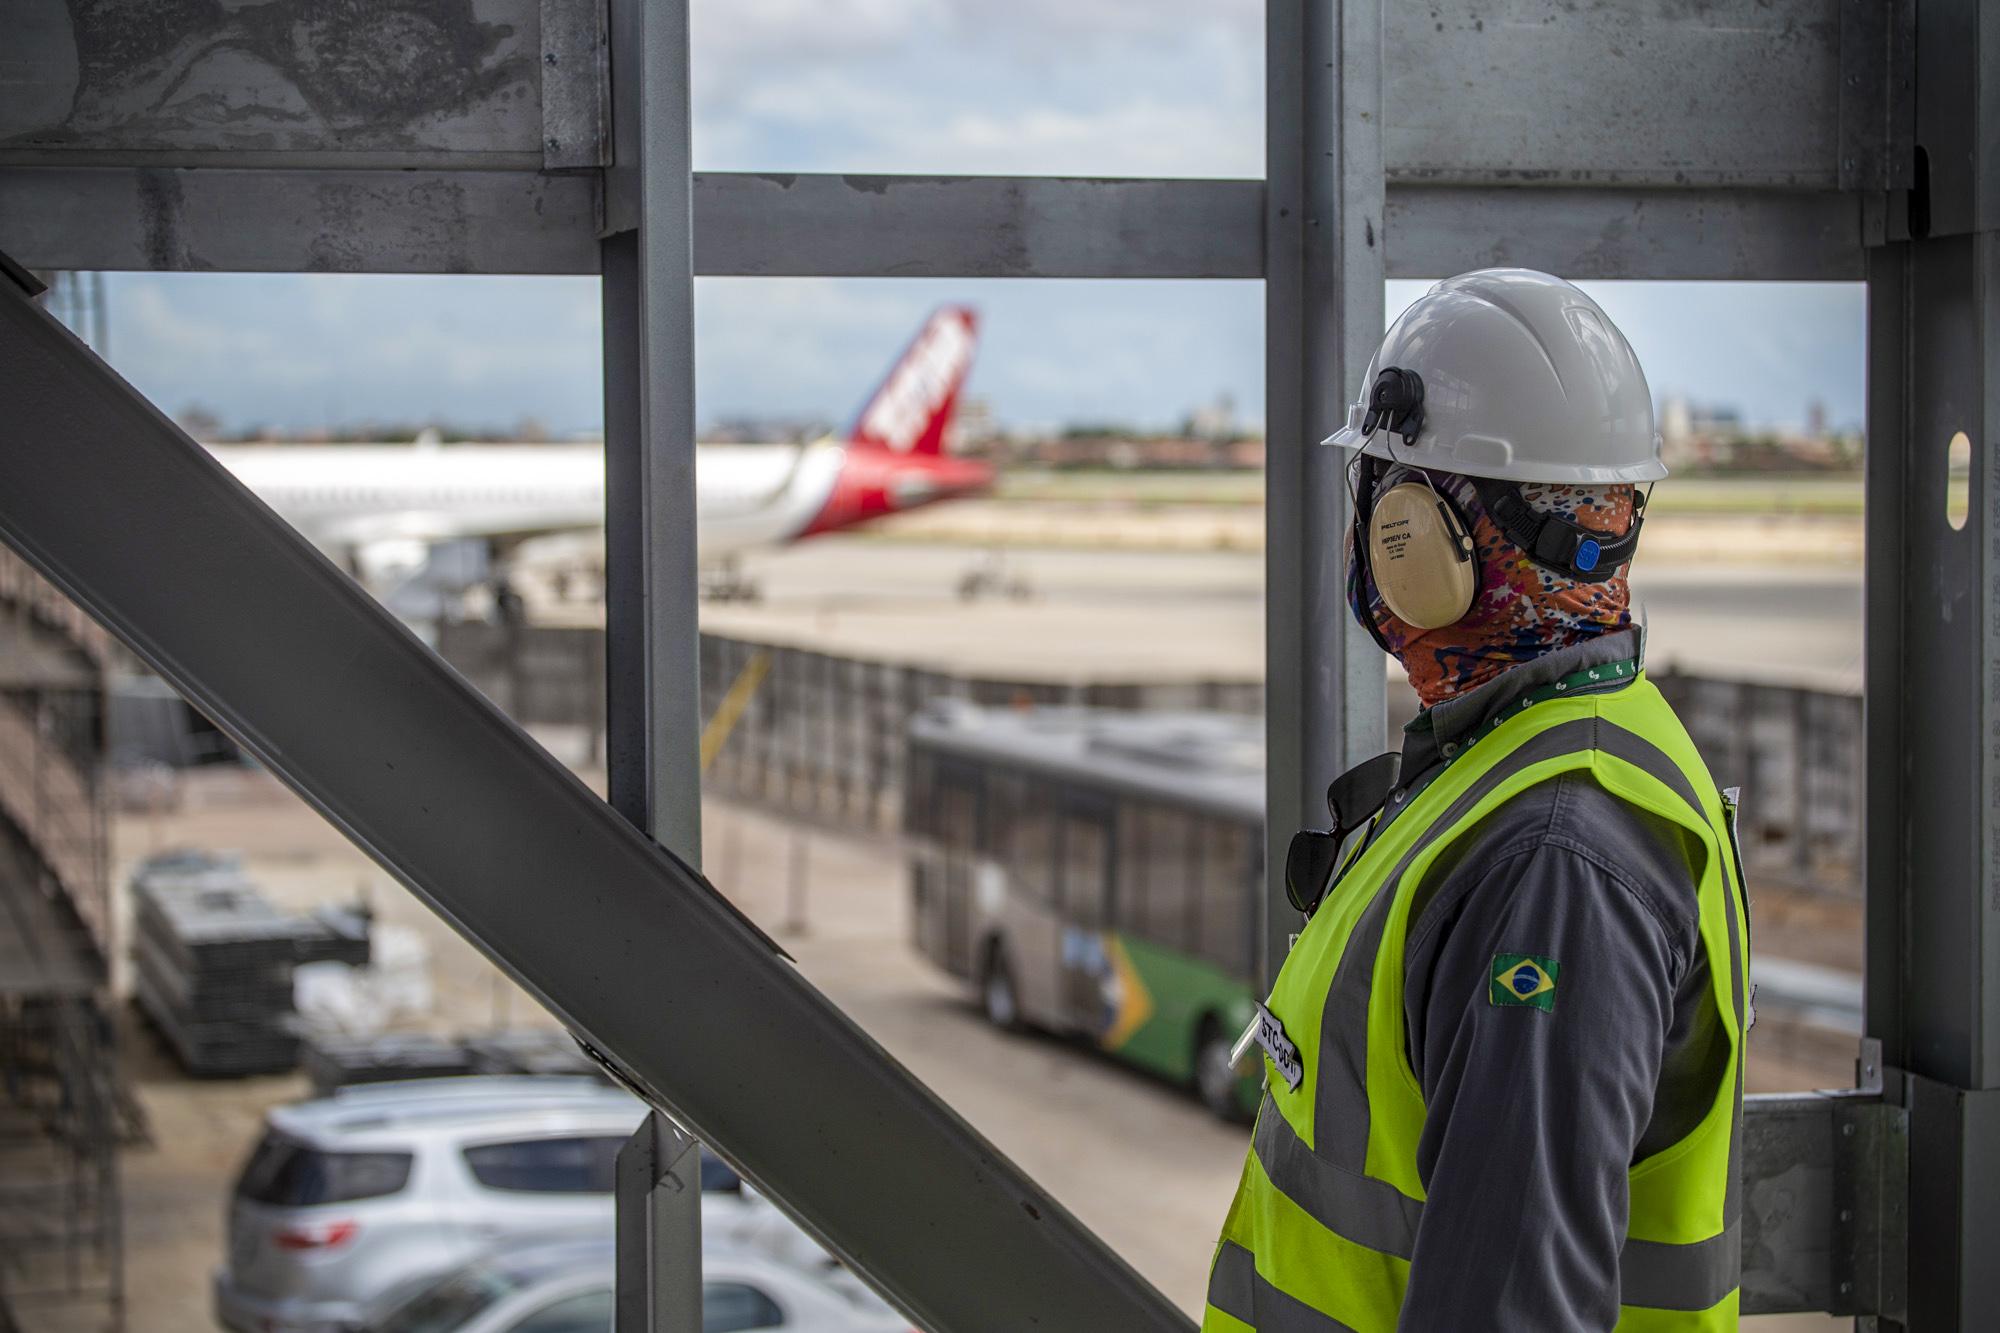 Com 60% da obra concluída, Aeroporto de Fortaleza se prepara para receber até 20 milhões de passageiros por ano